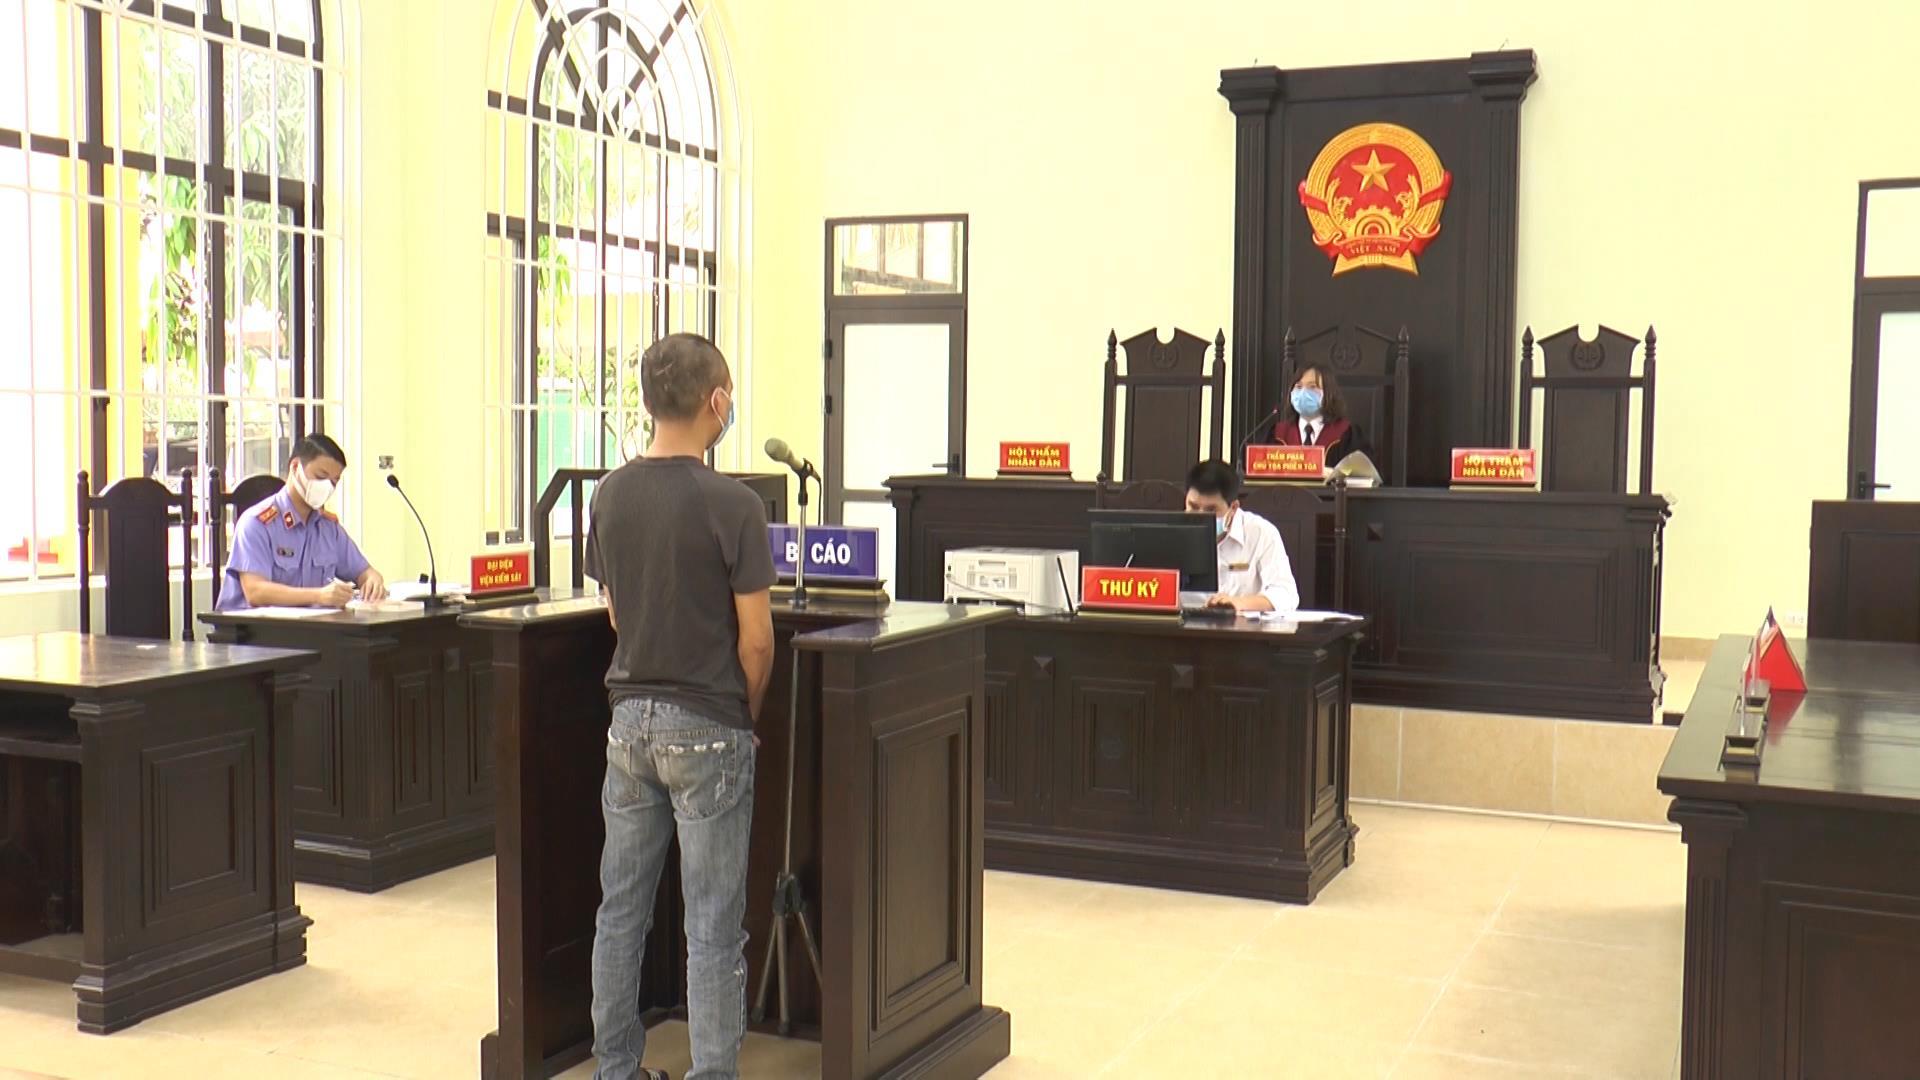 Chống đối tại chốt kiểm soát dịch Covid-19 thị xã Từ Sơn lĩnh 18 tháng tù